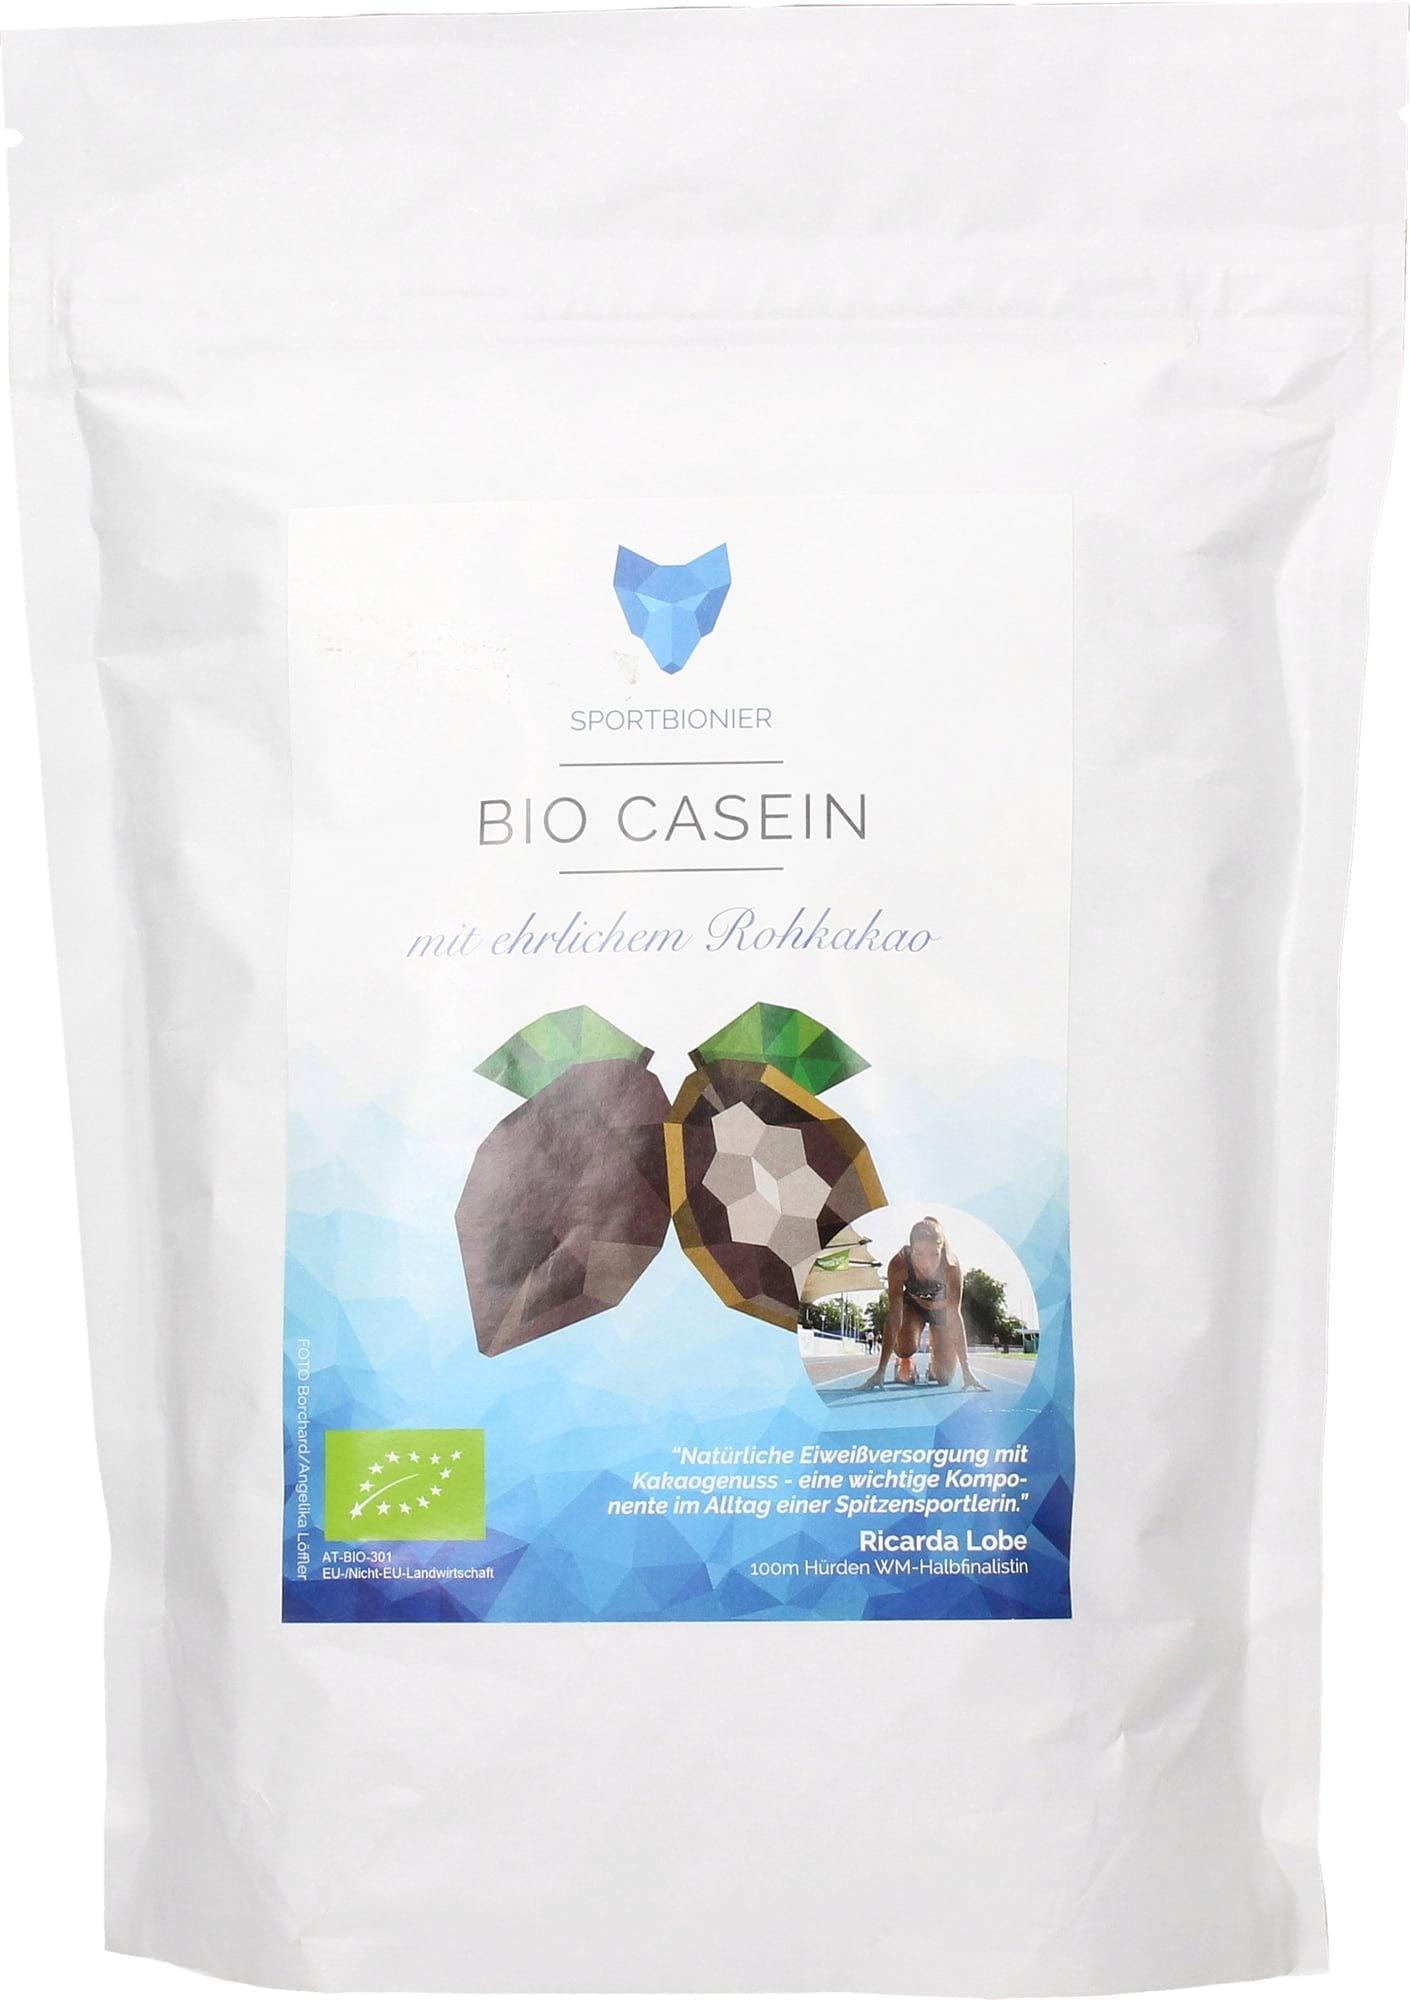 Sportbionier Bio Casein